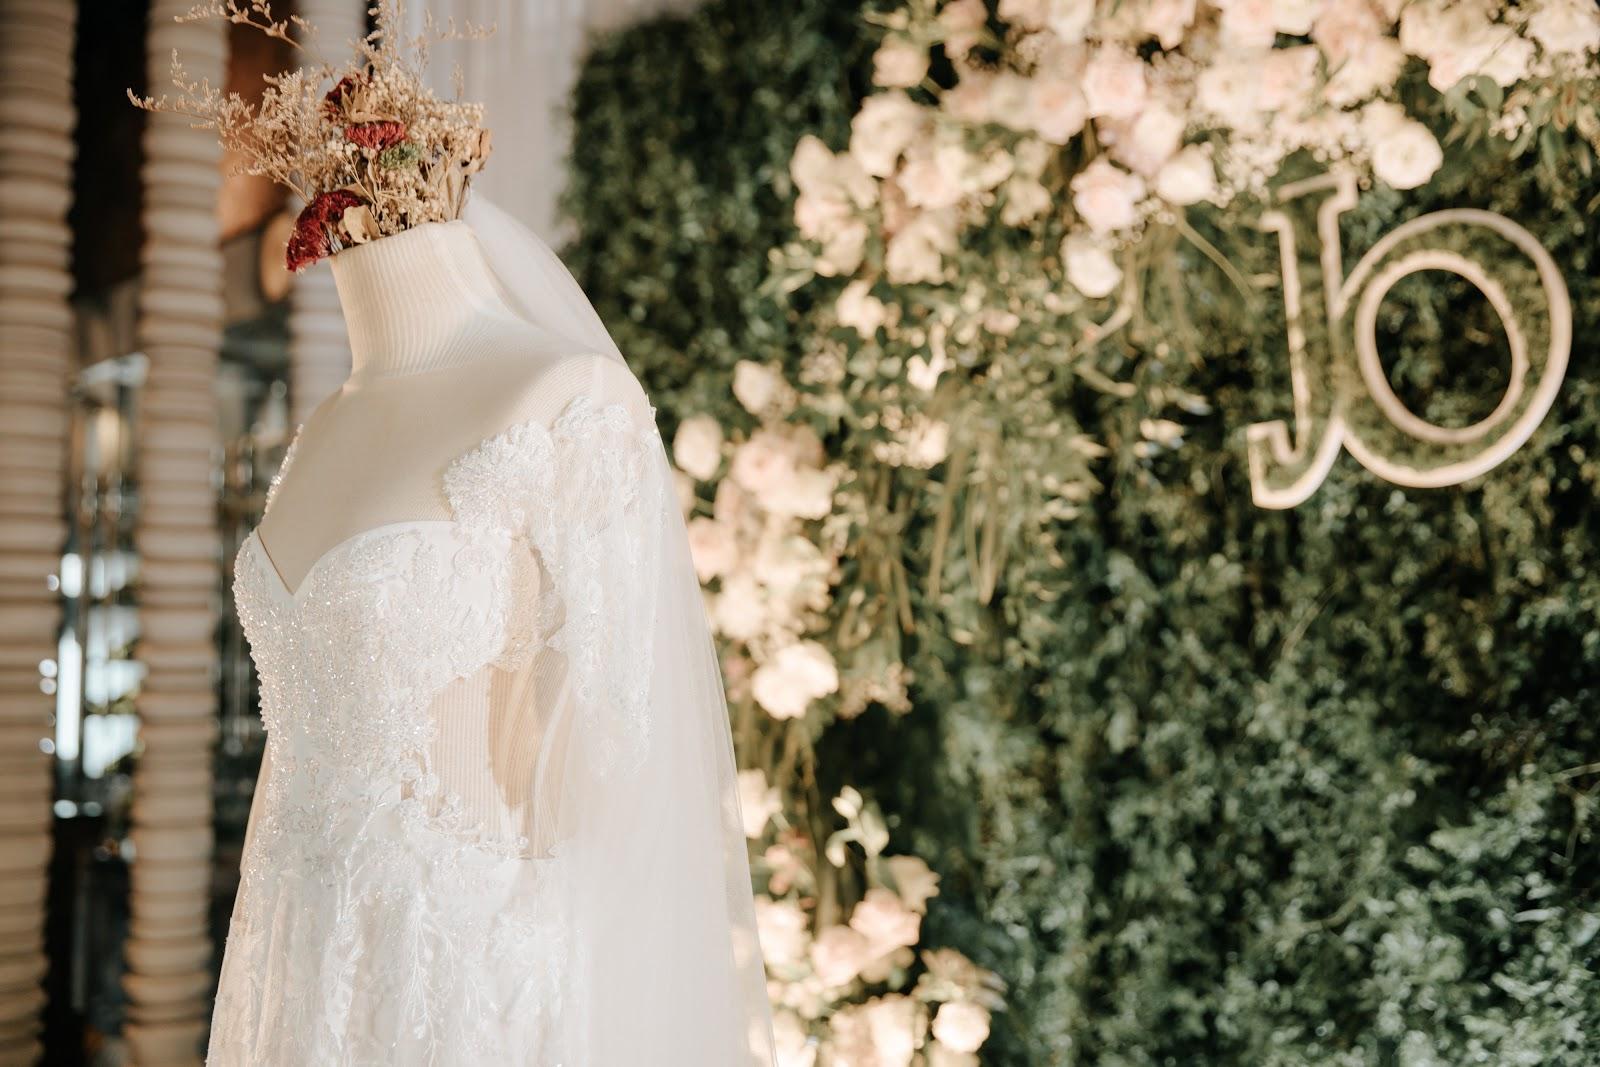 Hé lộ hình ảnh nhẫn kim cương và tiệc cưới xa hoa trong hôn lễ MC Hoàng Oanh 4